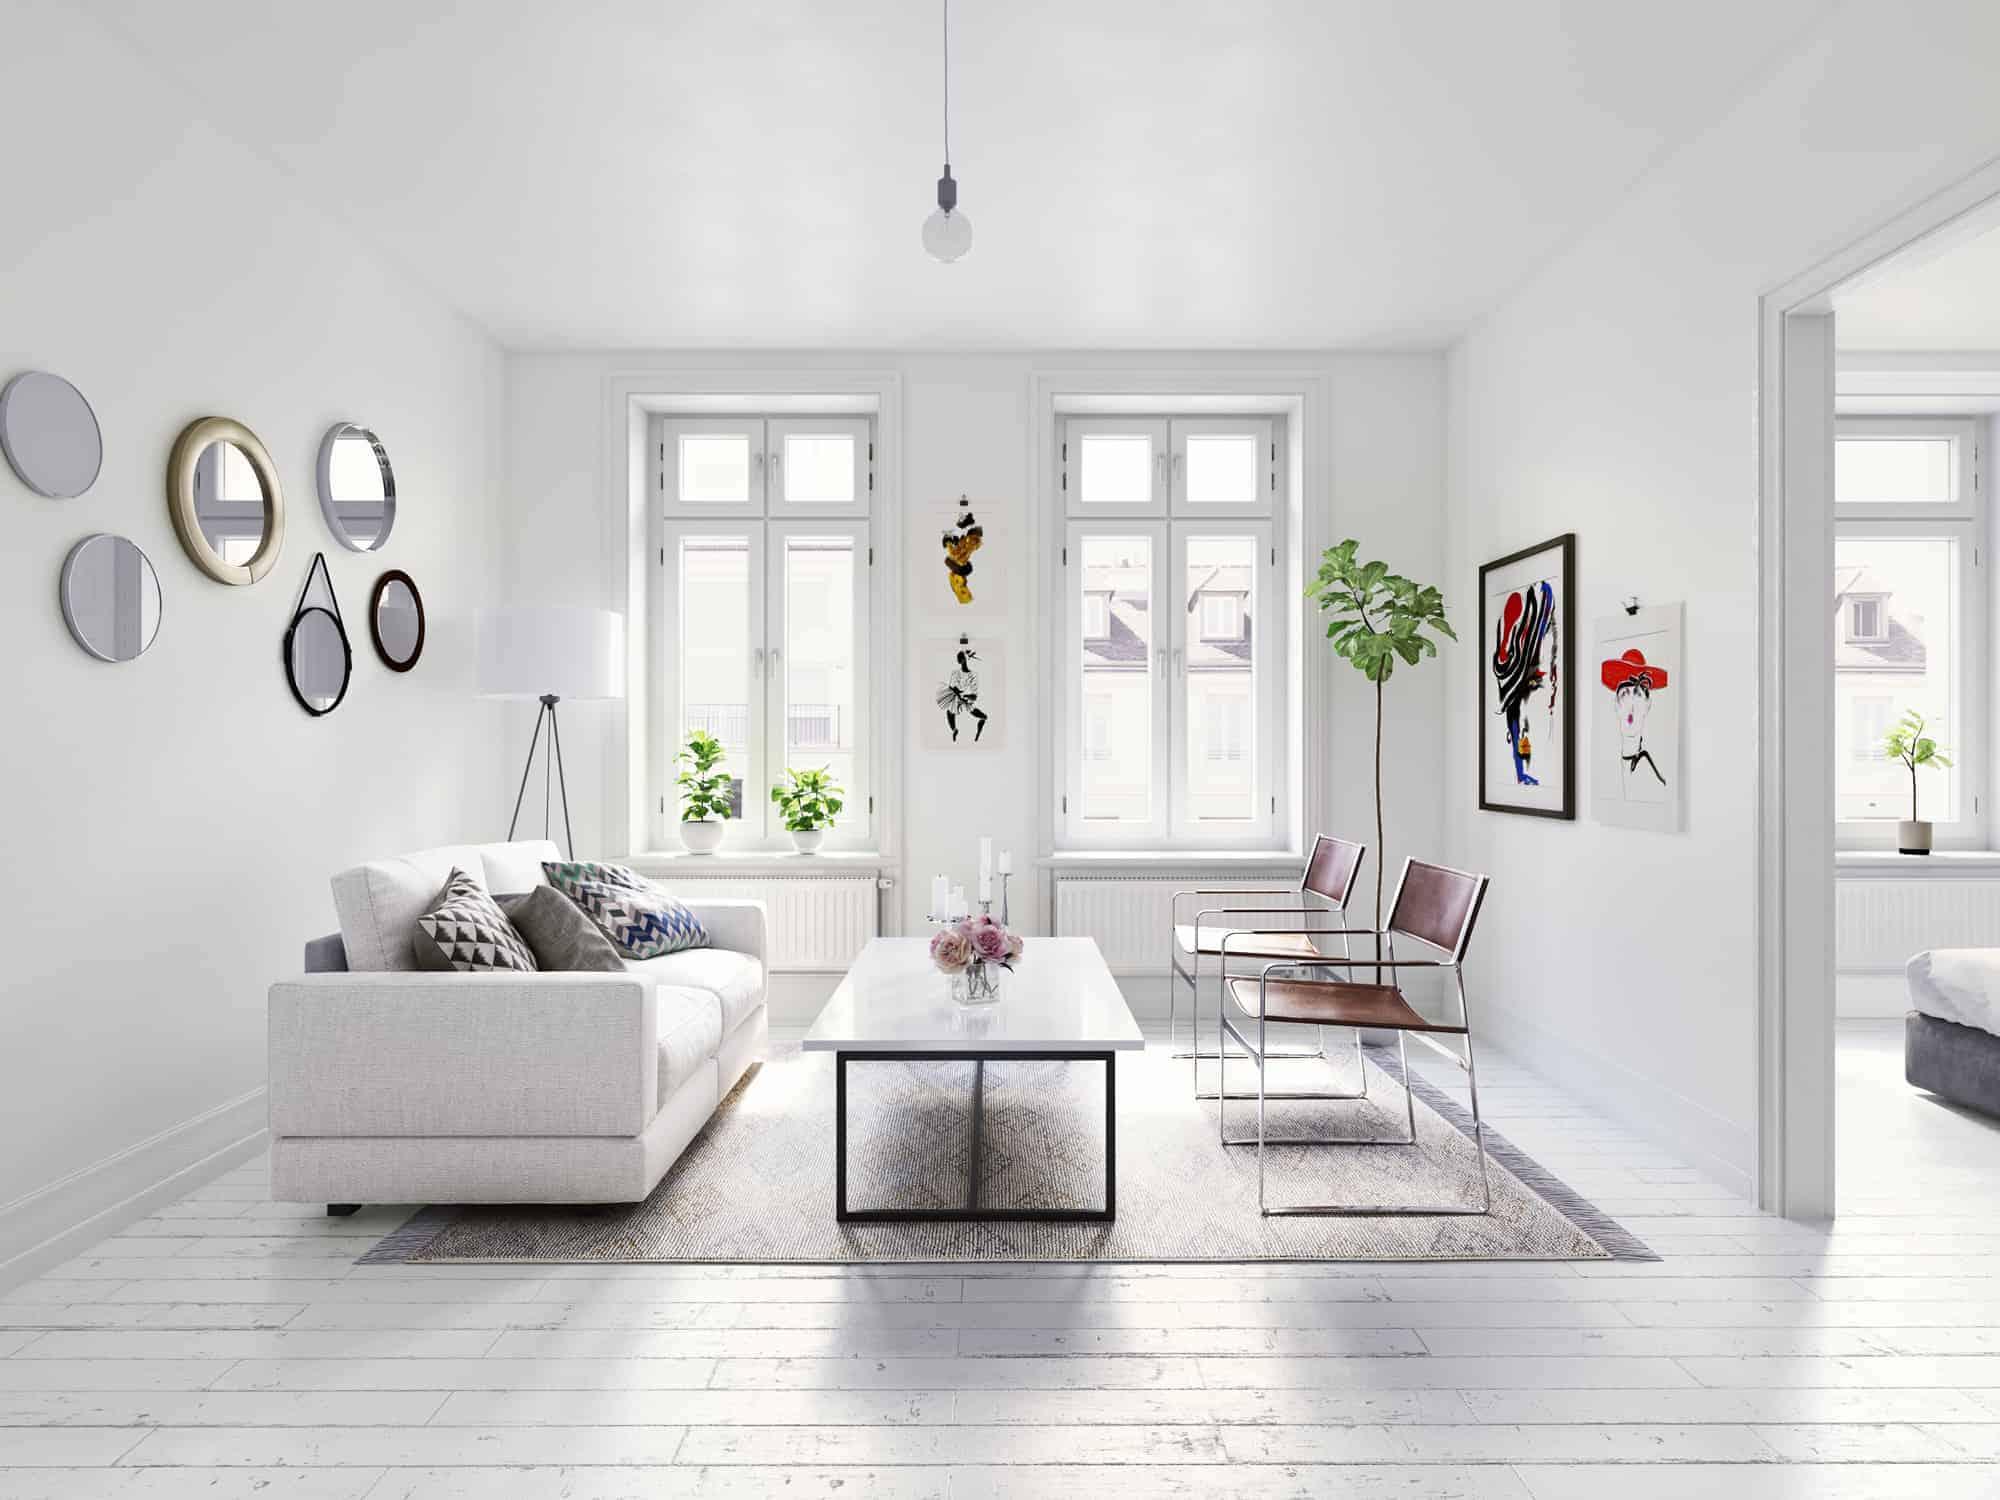 Scandinavian - Design Ideas